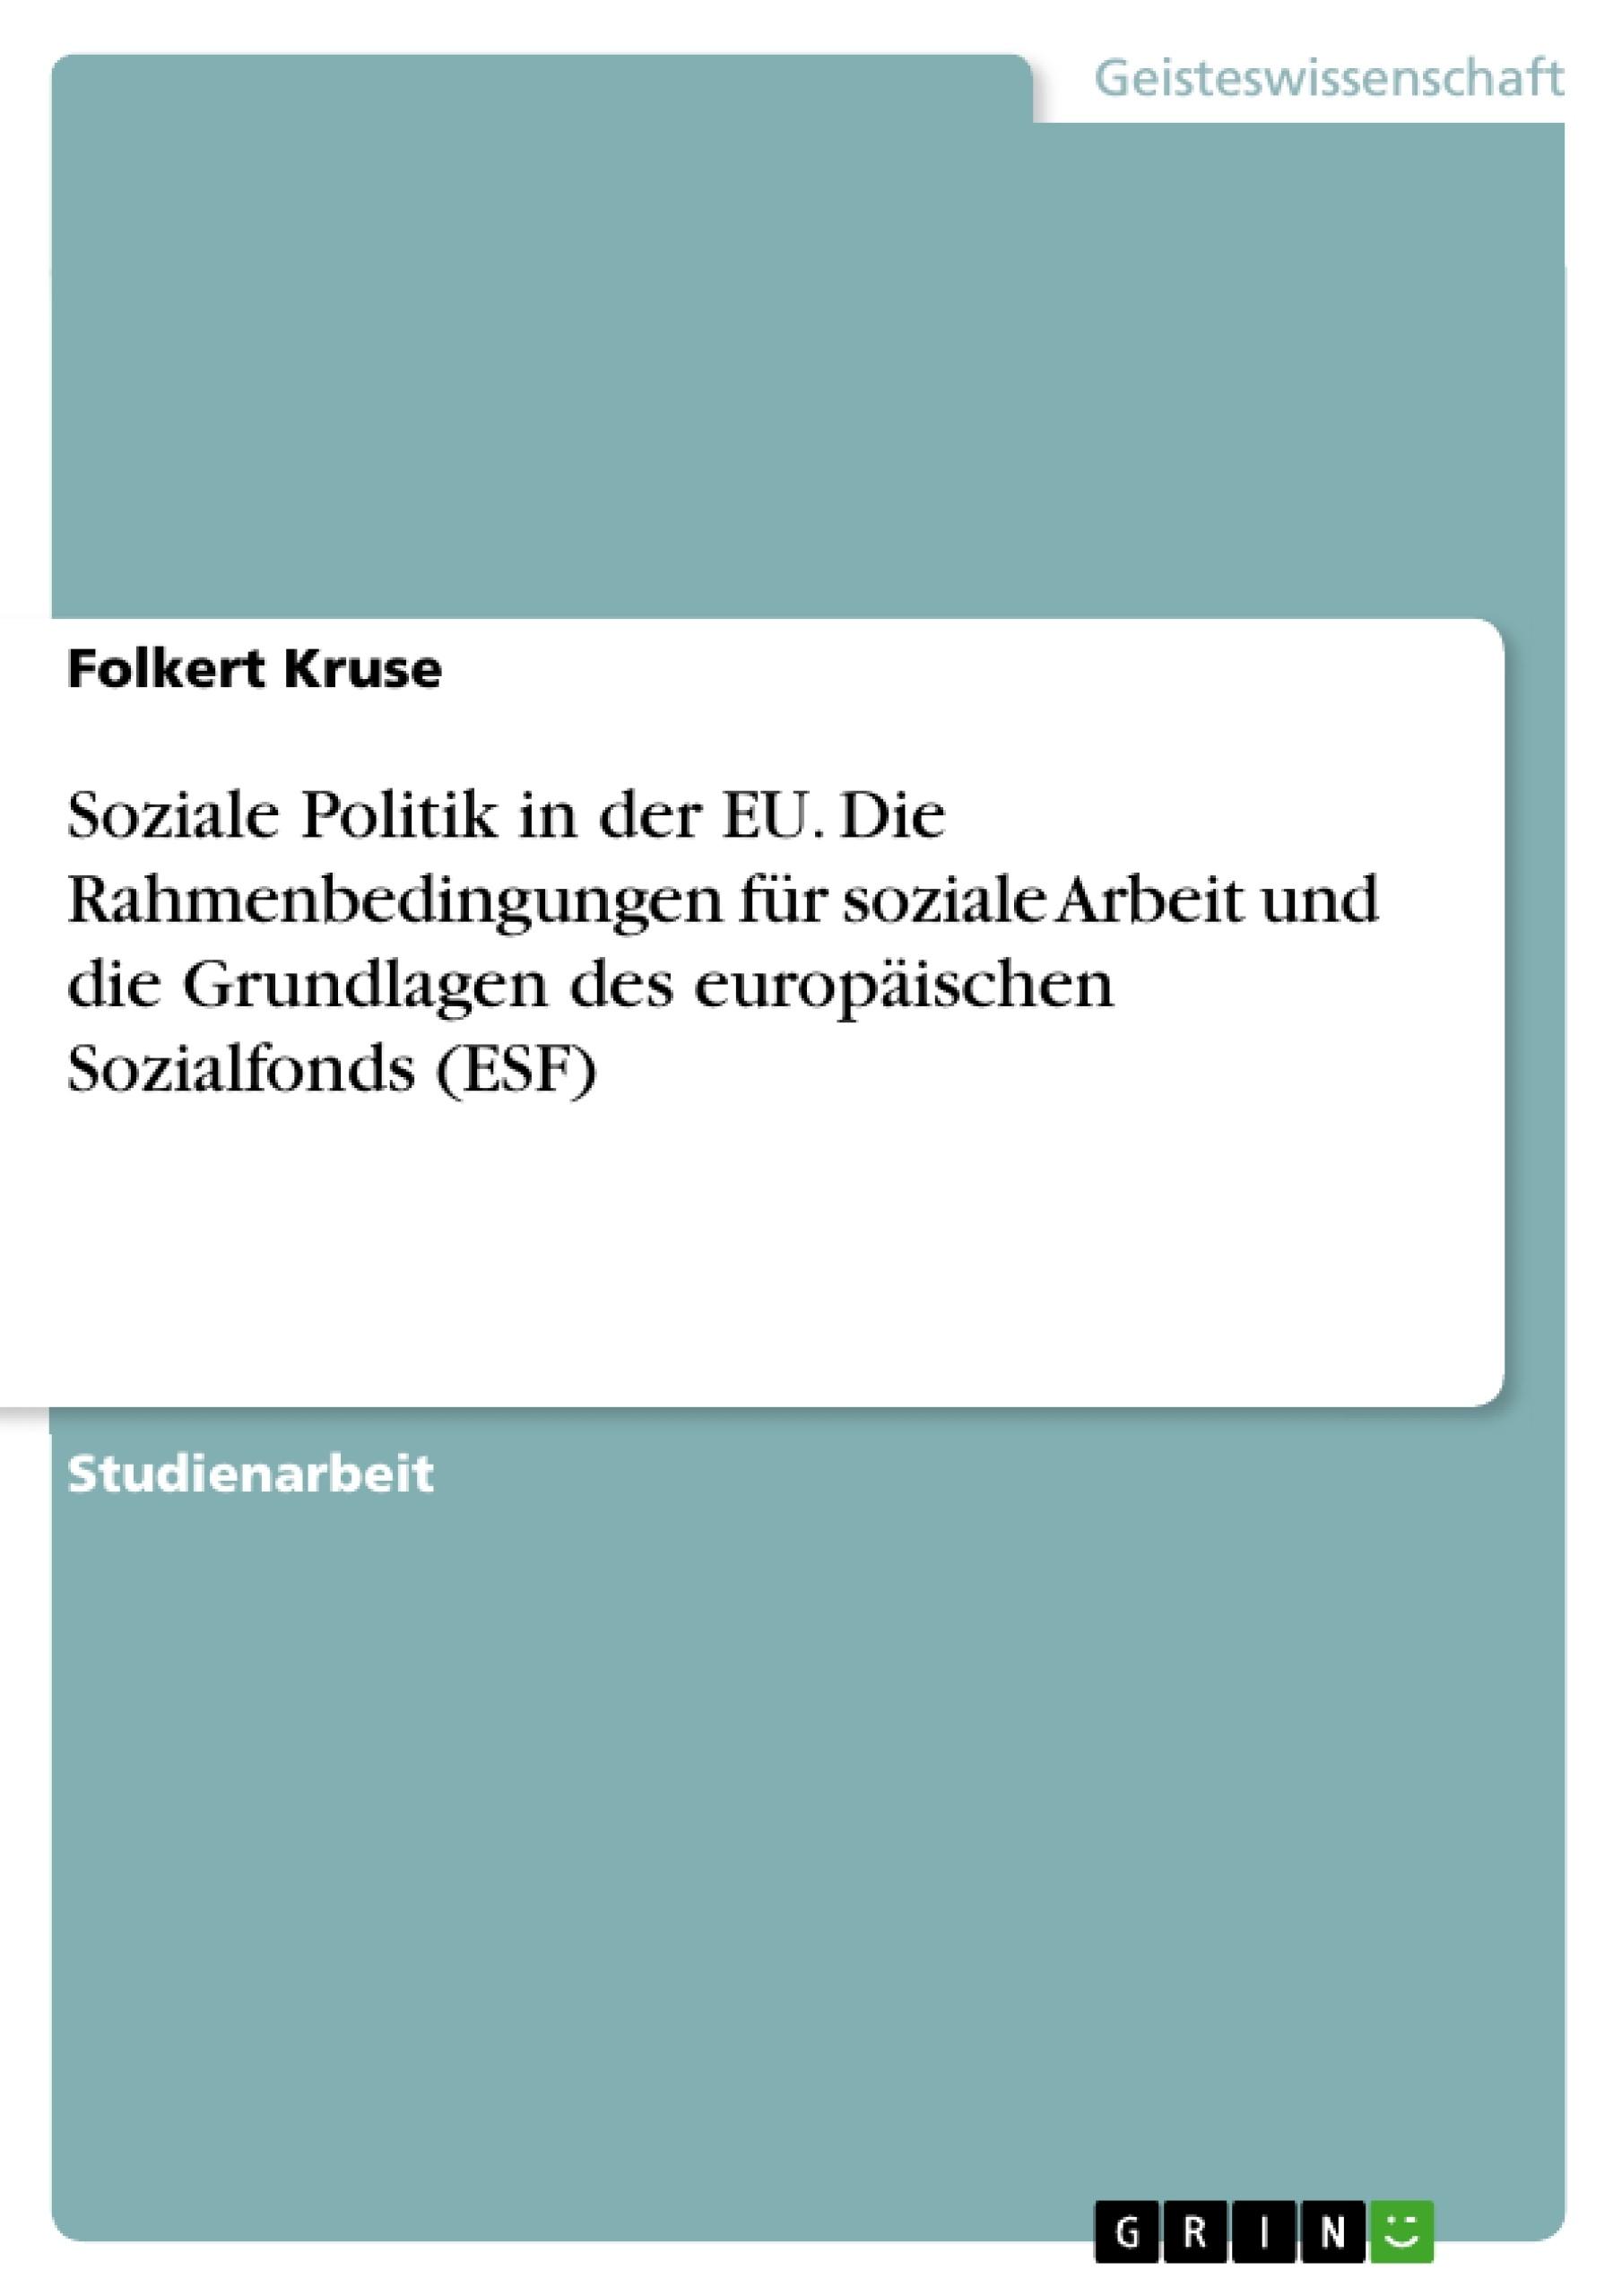 Titel: Soziale Politik in der EU. Die Rahmenbedingungen für soziale Arbeit und die Grundlagen des europäischen Sozialfonds (ESF)